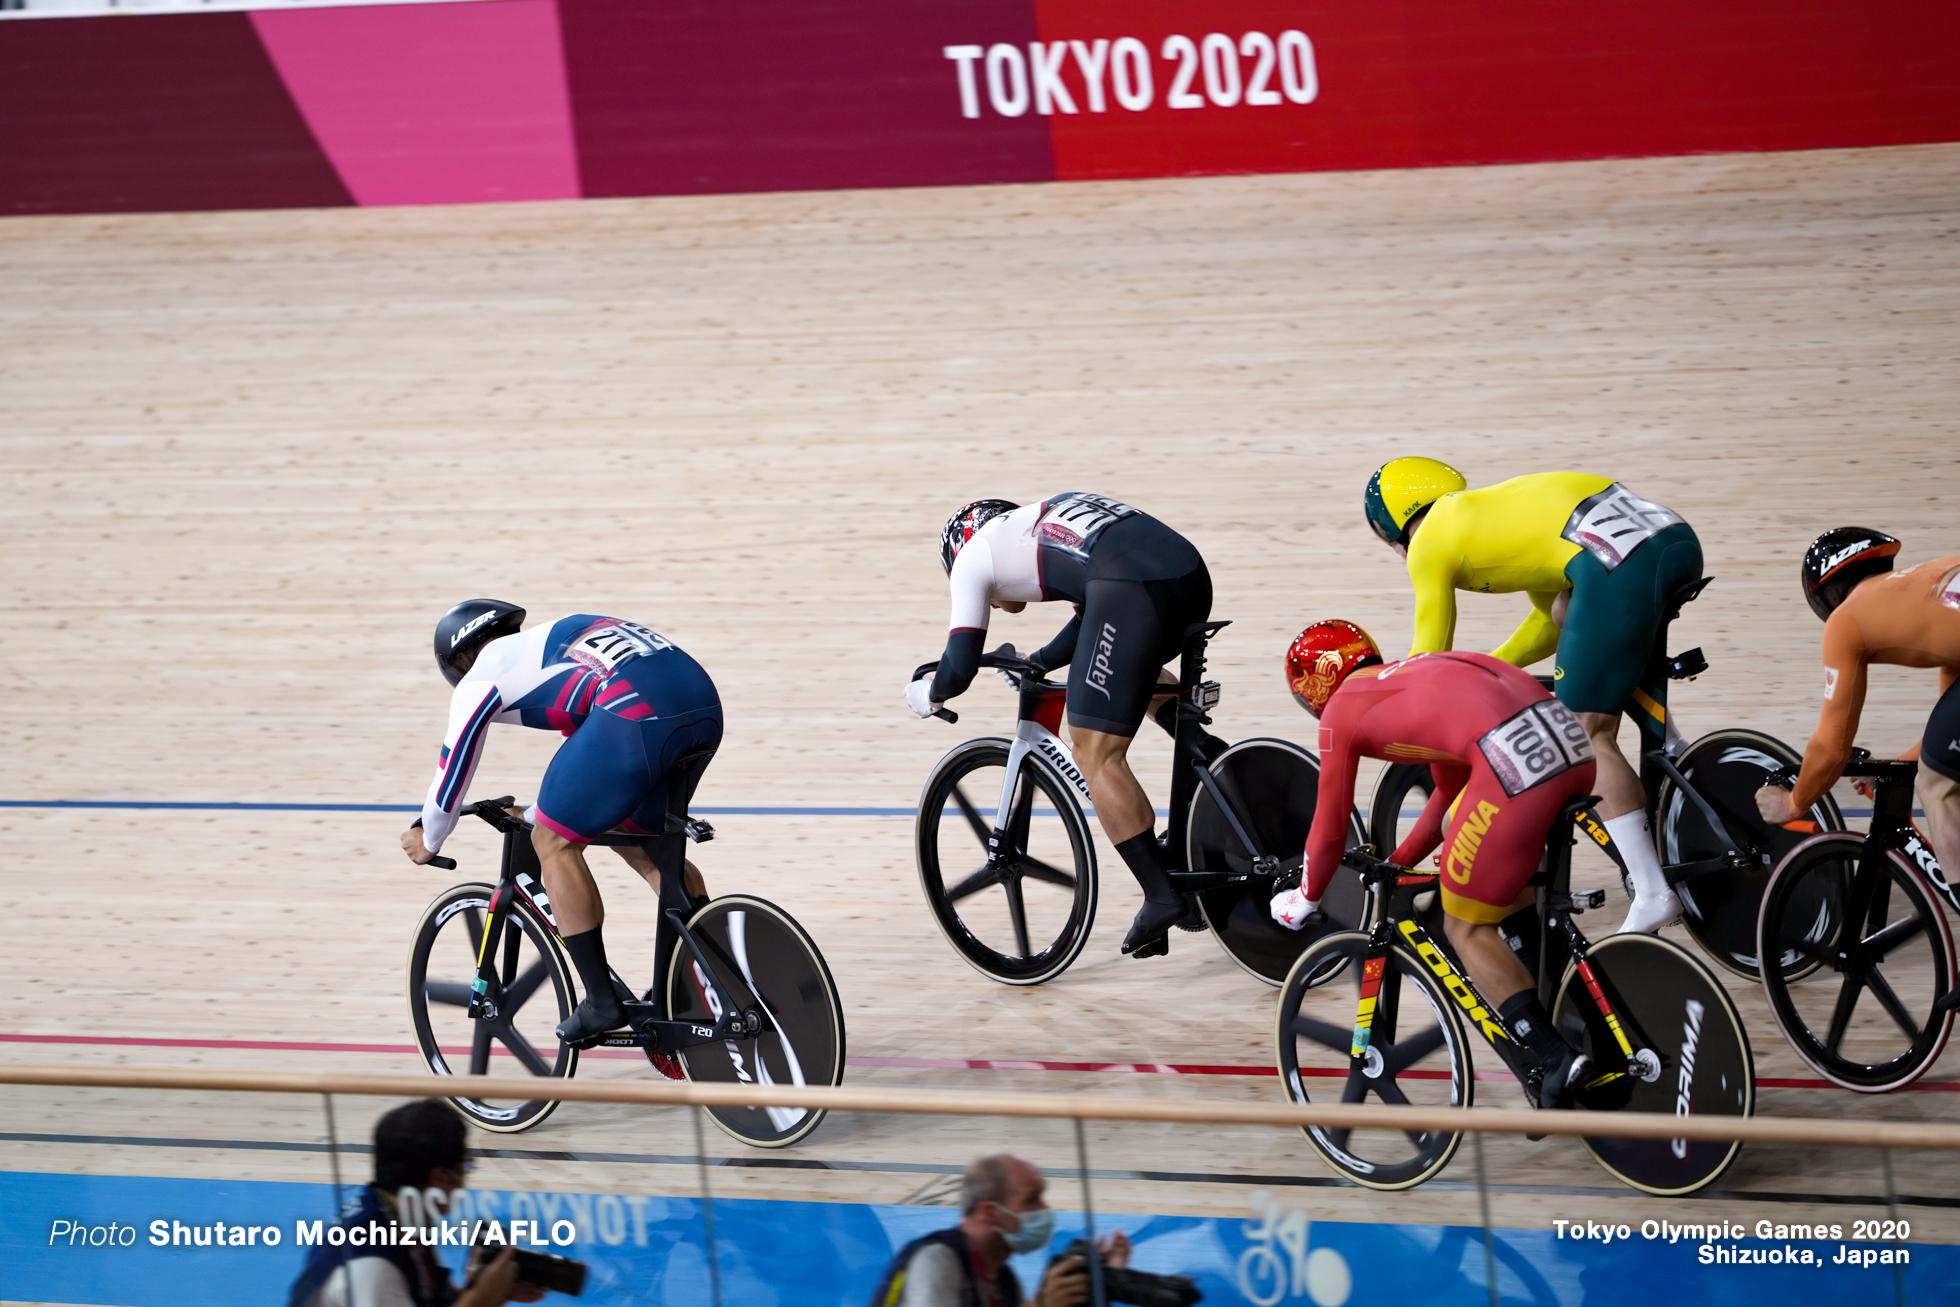 徐超 ズ・チャオ Xu Chao (CHN), 新田祐大 Yudai Nitta (JPN), デニス・ドミトリエフ Denis Dmitriev (ROC), Men's Keirin 1st Round AUGUST 7, 2021 - Cycling : during the Tokyo 2020 Olympic Games at the Izu Velodrome in Shizuoka, Japan. (Photo by Shutaro Mochizuki/AFLO)マシュー・グレーツァー Matthew Glaetzer (AUS),